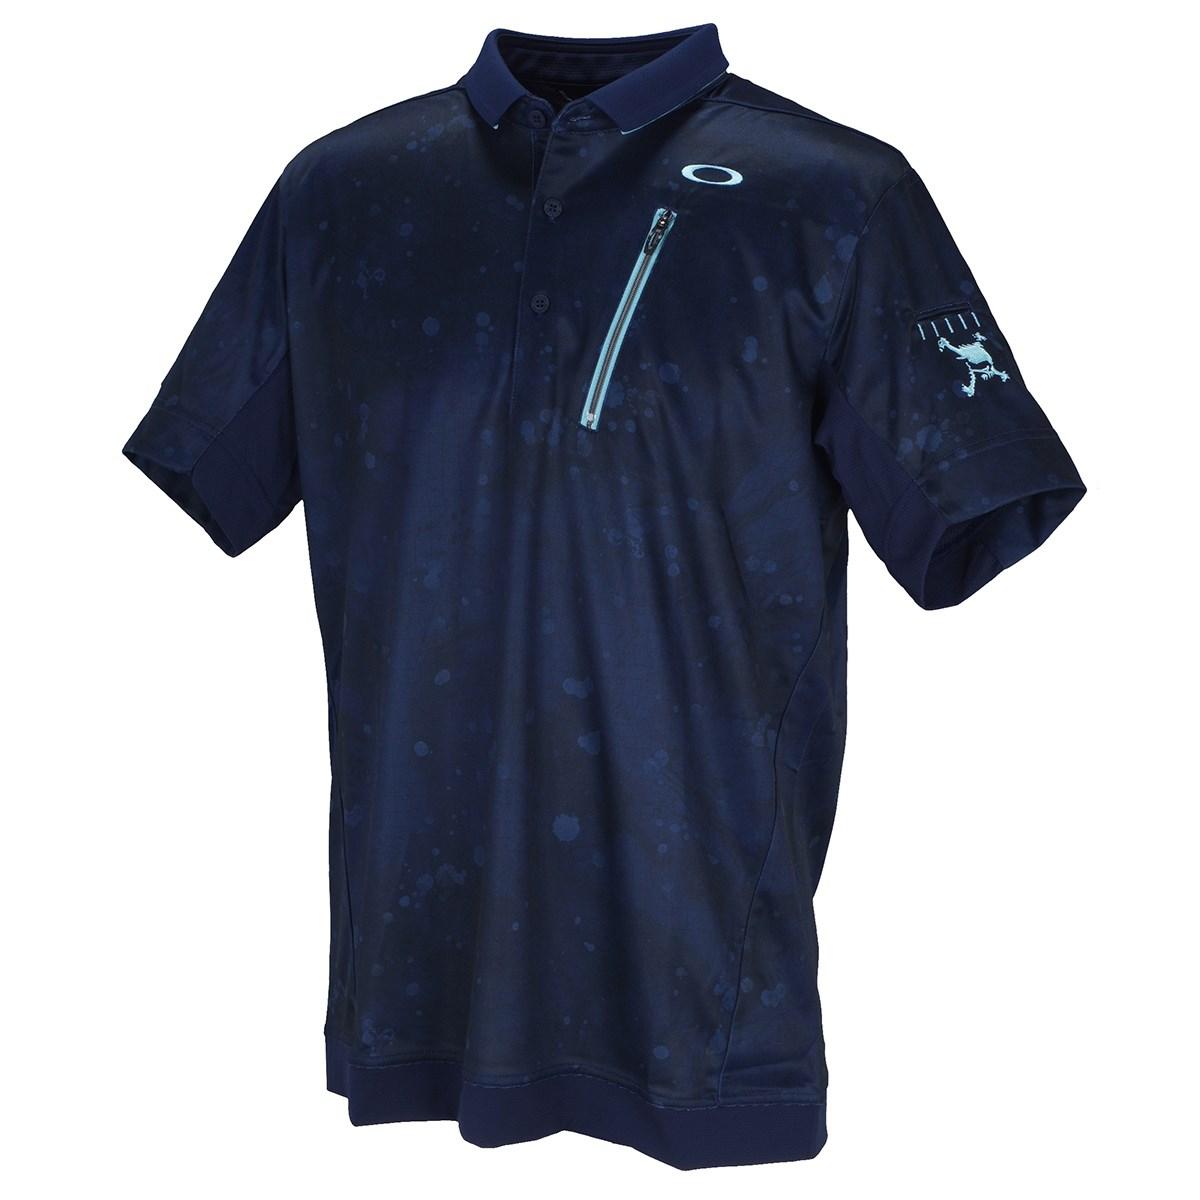 オークリー(OAKLEY) スカル Liquid 半袖ポロシャツ